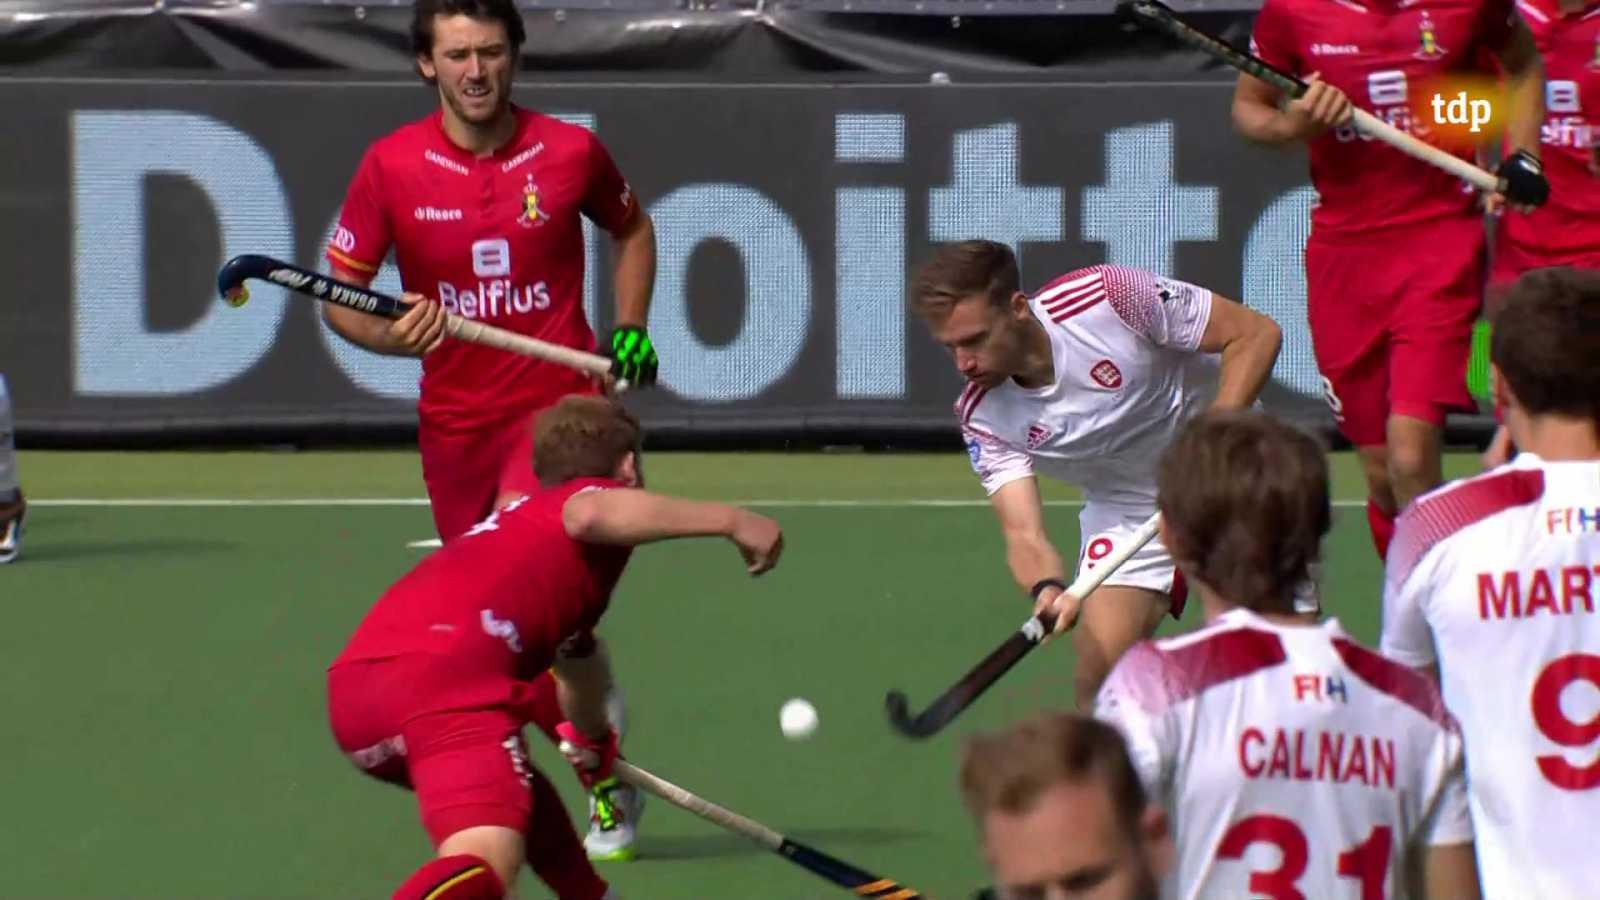 Hockey hierba - Campeonato de Europa masculino. 3º- 4º puesto: Inglaterra - Bélgica - ver ahora